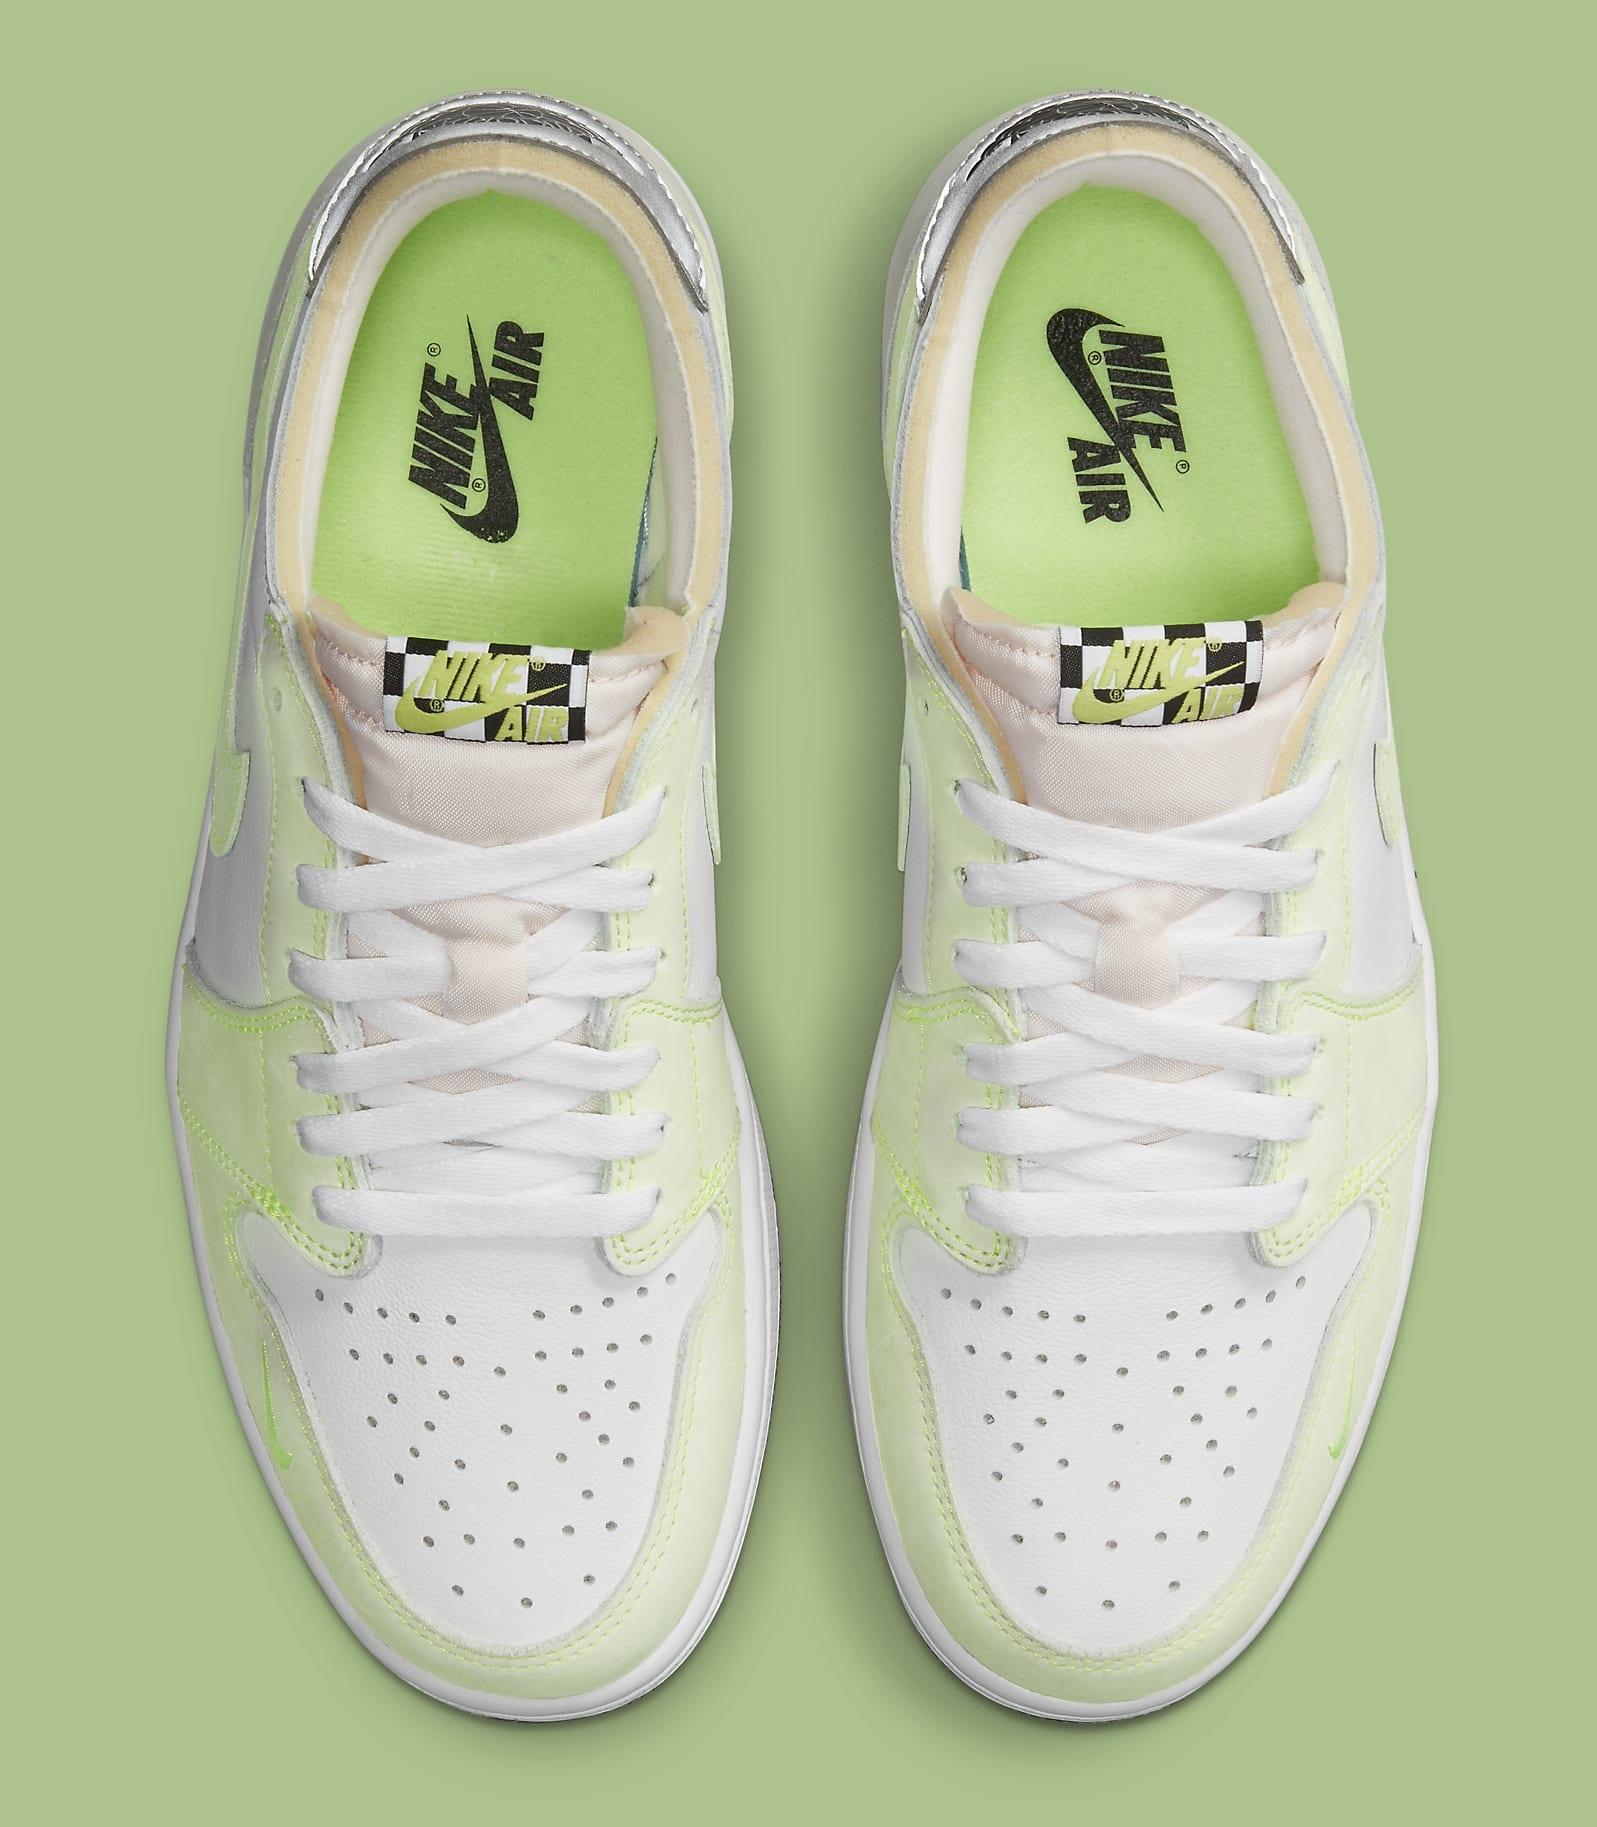 Air Jordan 1 Low OG 'Ghost Green' DM7837-103 Top